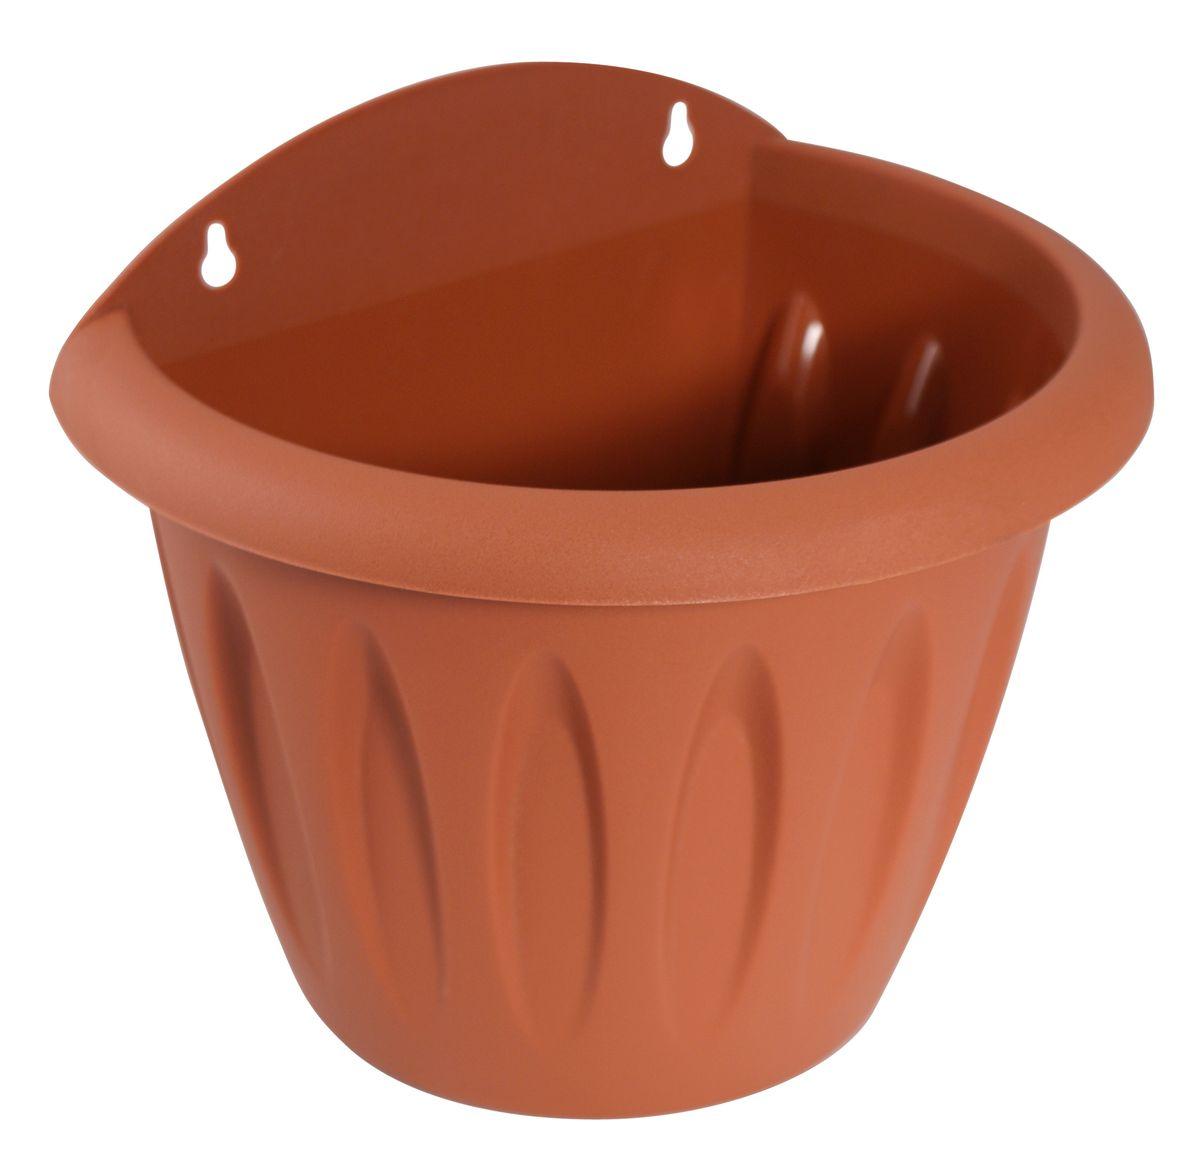 Кашпо настенное Martika Фелиция, цвет: терракотовый, 24 х 17,5 х 20,7 см531-105Настенное кашпо Martika Фелиция изготовлено из высококачественного пластика и имеет два удобных отверстия для крепления.Изделие прекрасно подойдет для выращивания растений дома и на приусадебных участках. Размер изделия: 24 х 17,5 х 20,7 см.